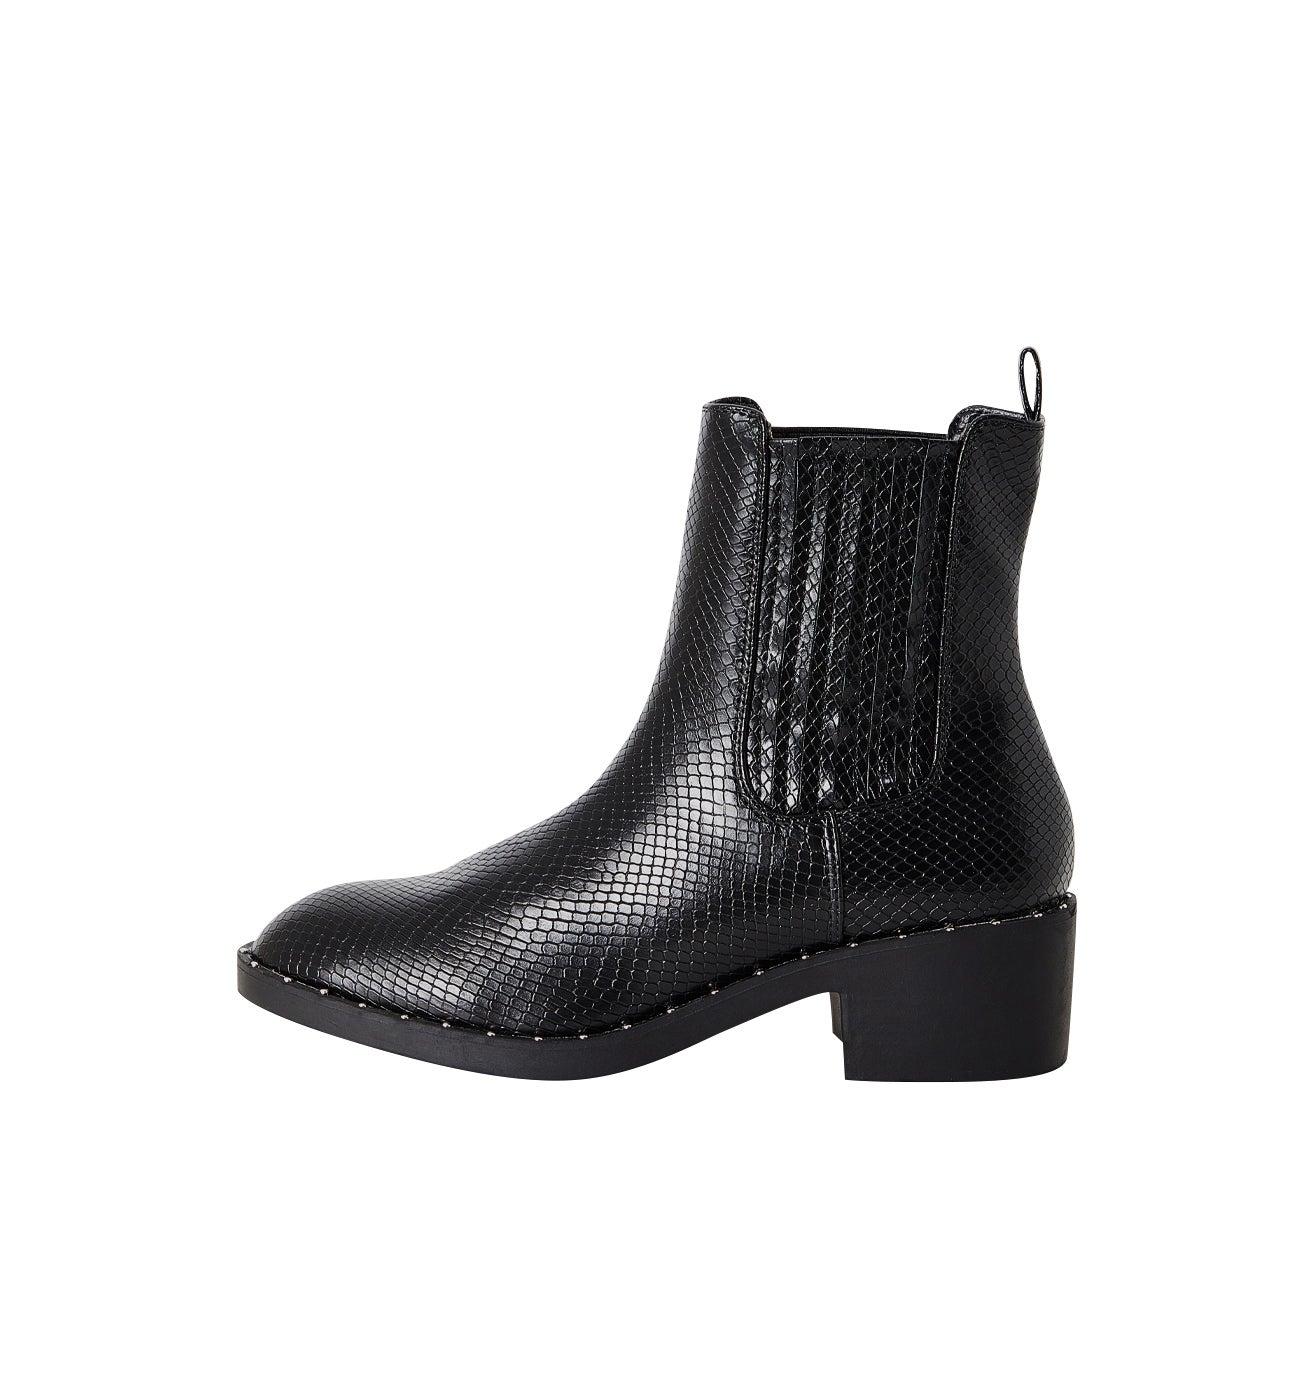 Boots cloutées Femme